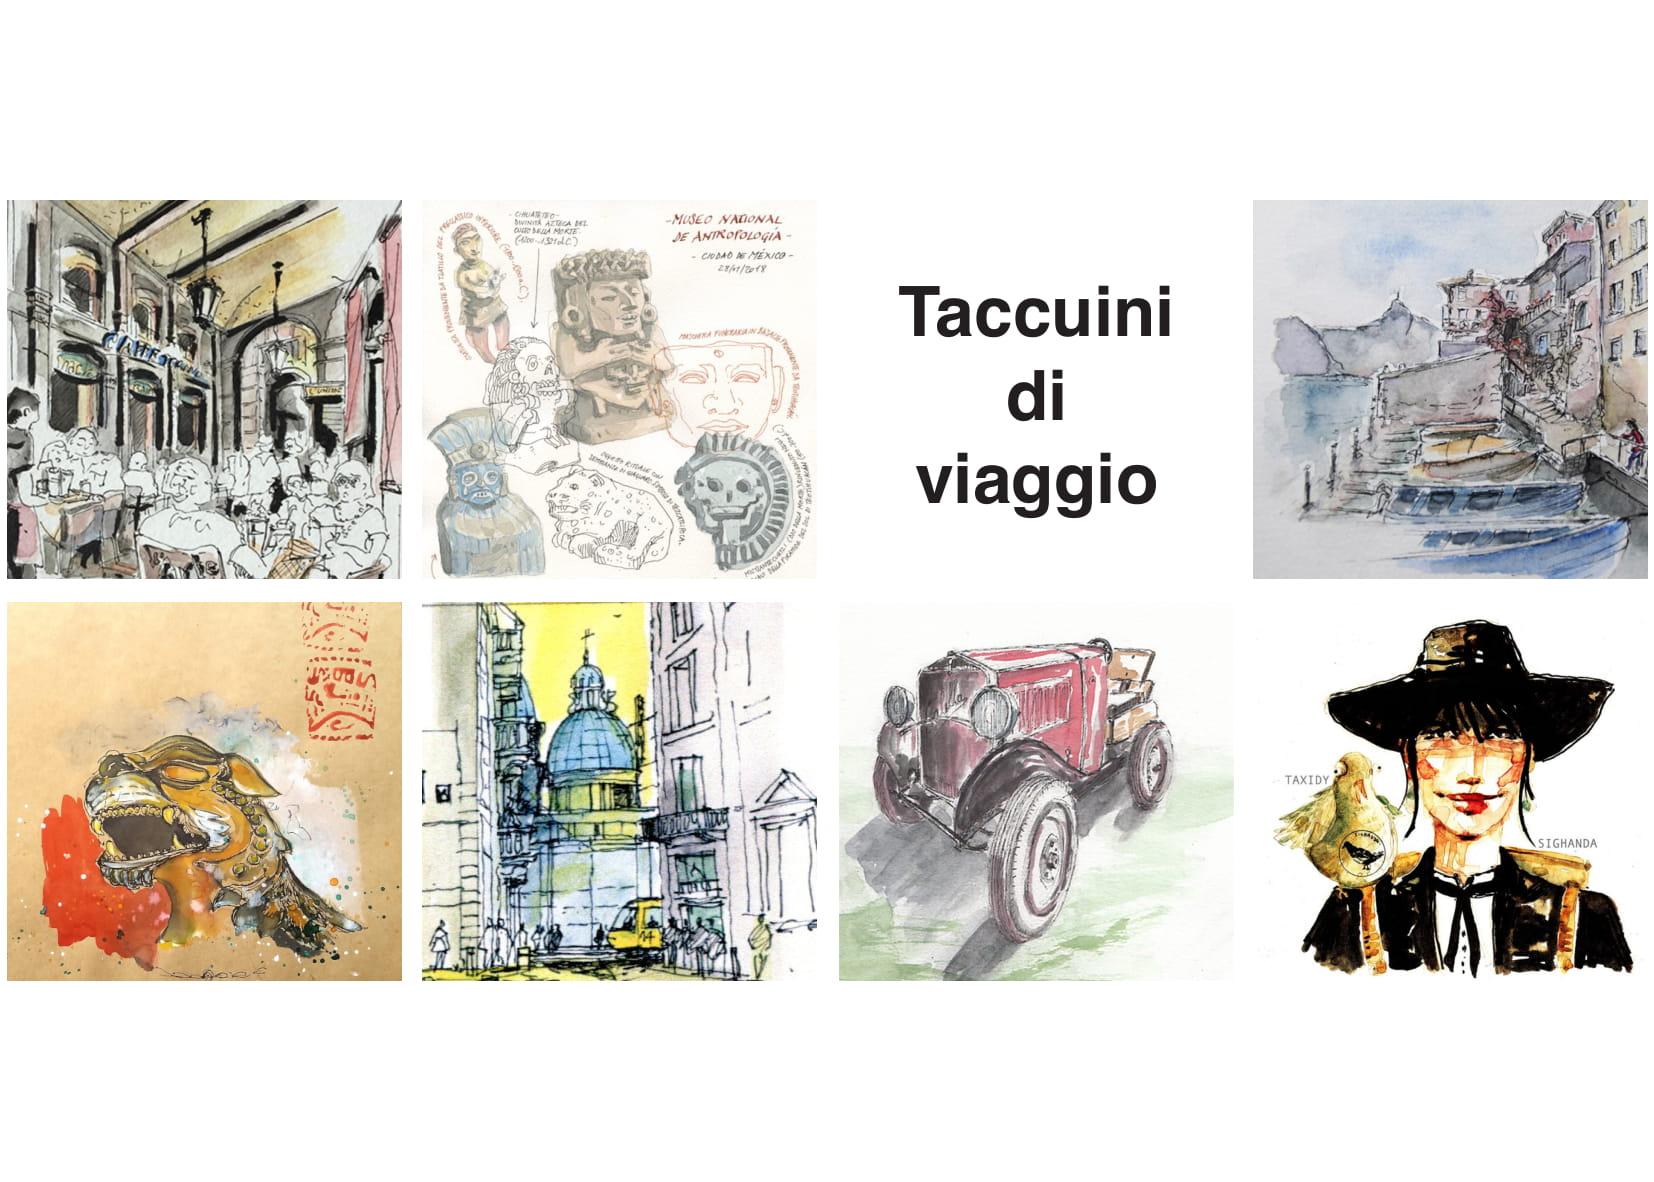 invito vernissage Taccuini di viaggio-1.jpg